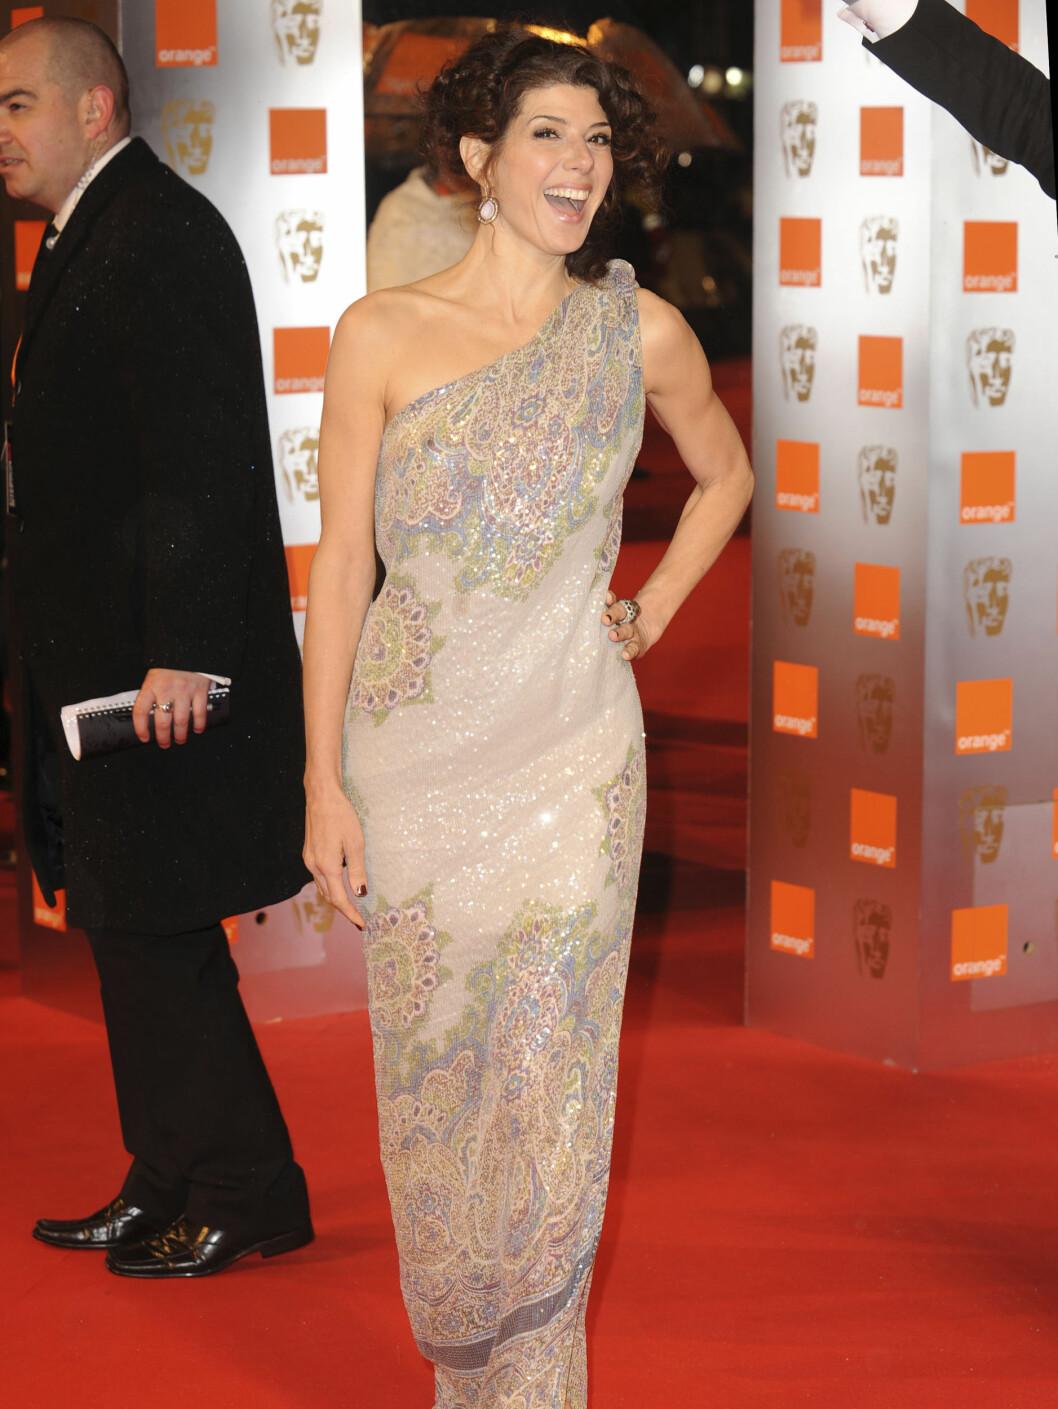 NYDELIG KJOLE: Marisa Tomei i en kjole fra Etro var i svært godt humøt på BAFTA. Foto: All Over Press